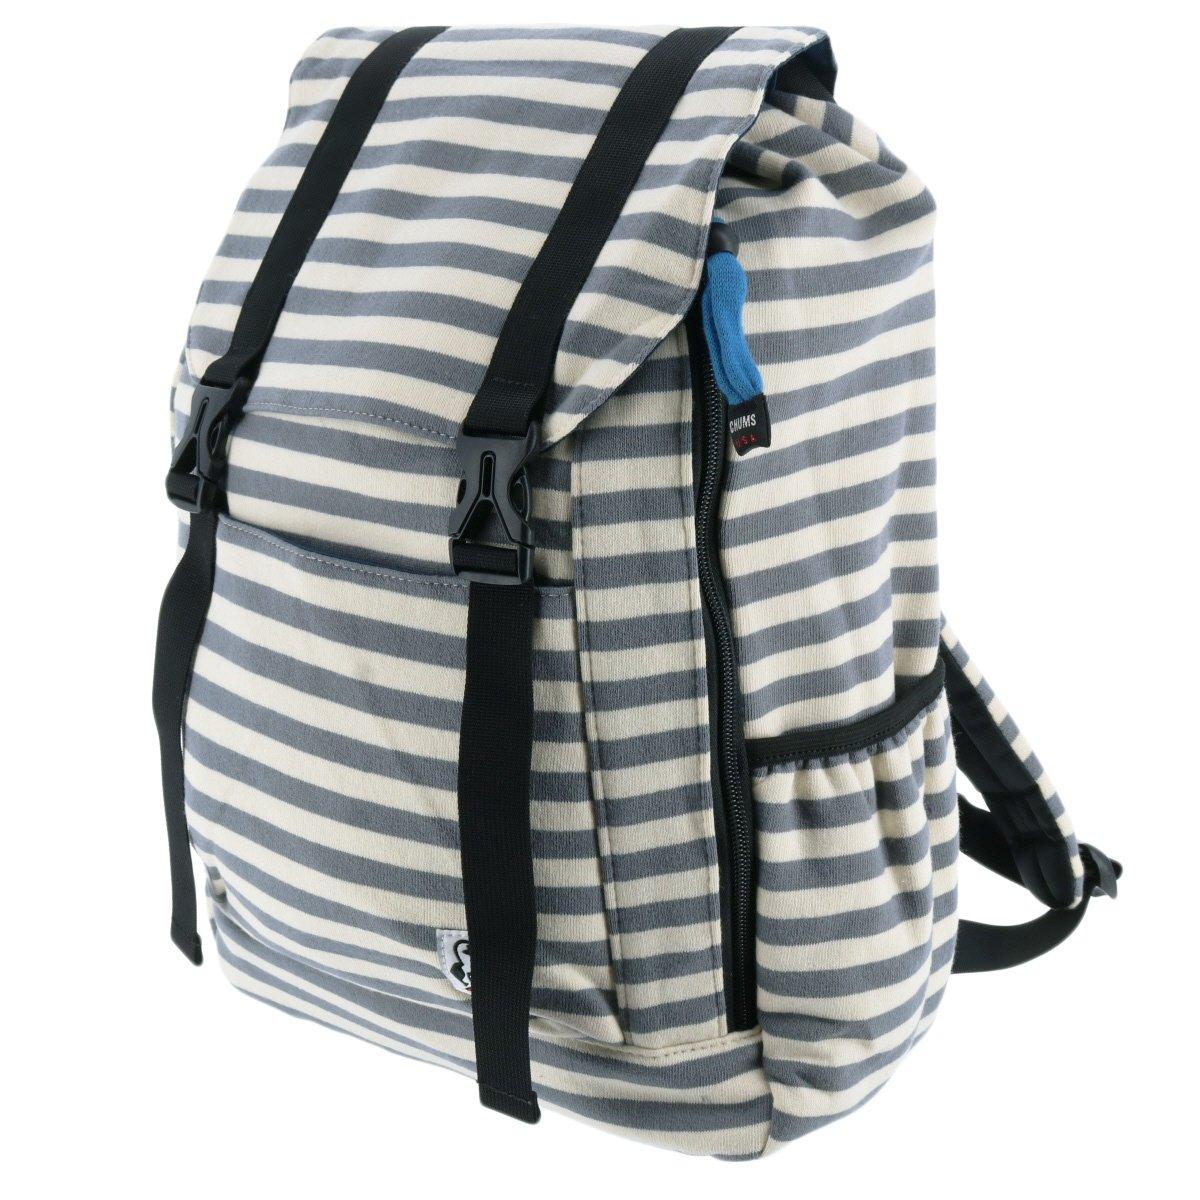 [チャムス] リュック Flap Day Pack Sweat CH60-2076-0118-00 B076KQKQVL 10.ホワイトxグレー 10.ホワイトxグレー